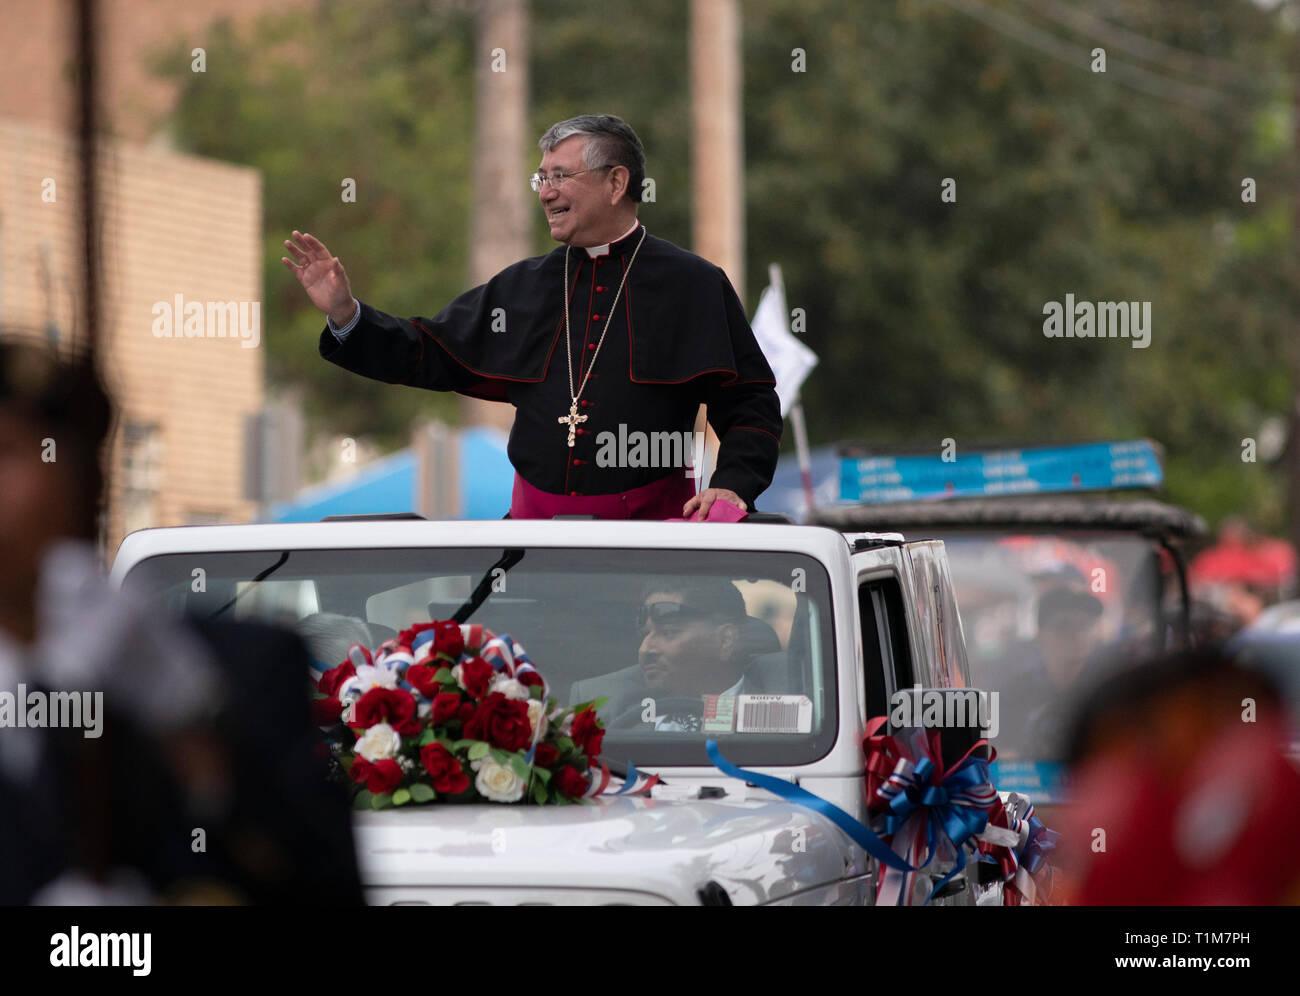 James Anthony Tamayo, bishop of the Catholic diocese of Laredo,  waves to the crowd during the Washington's Birthday Celebration parade in Laredo, TX. - Stock Image